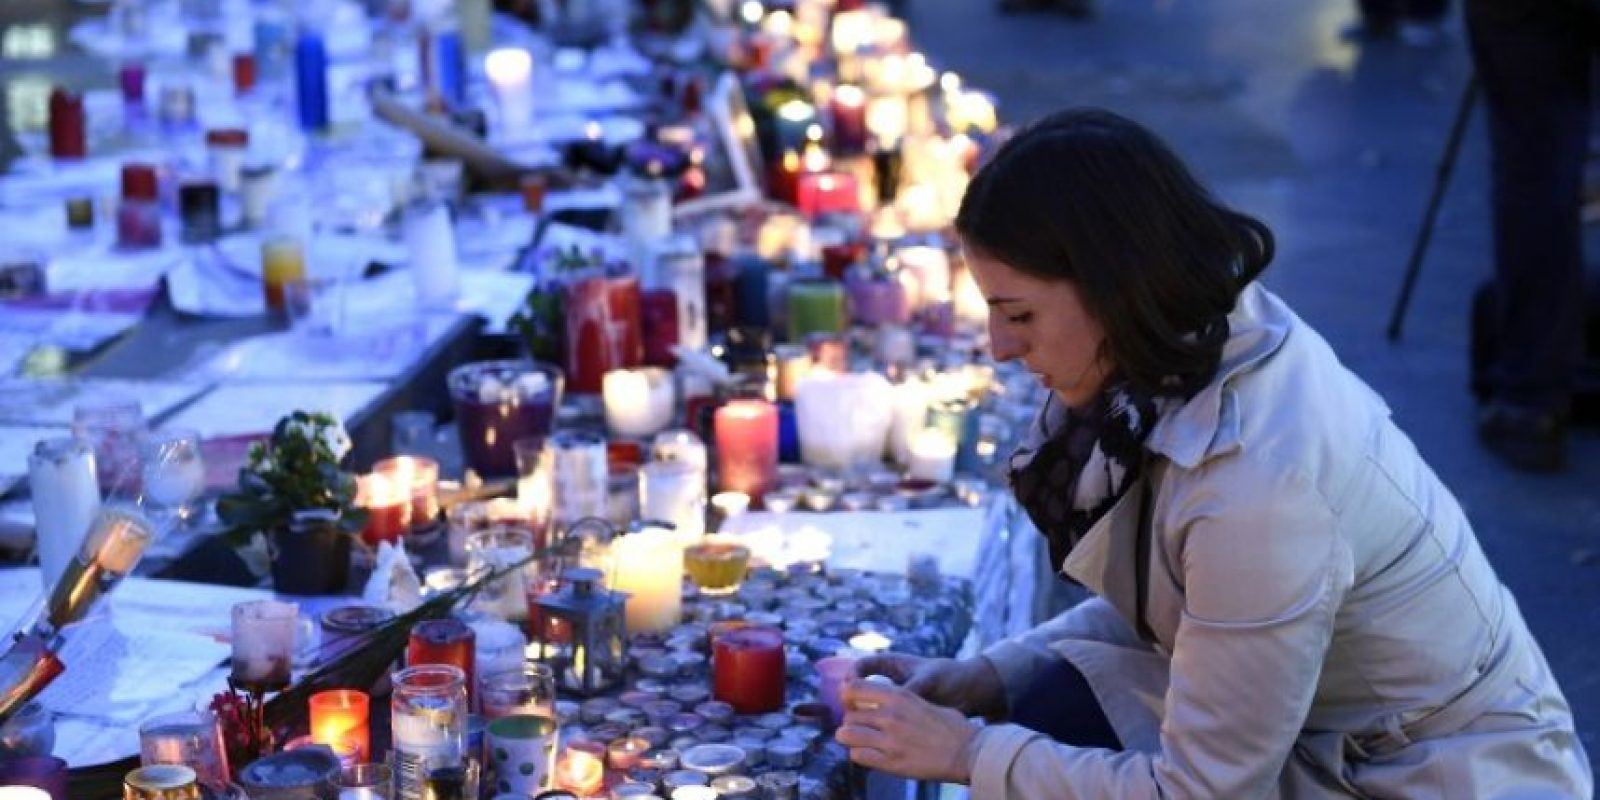 Esto luego de más de una semana de los atentados en Francia. Foto:AFP